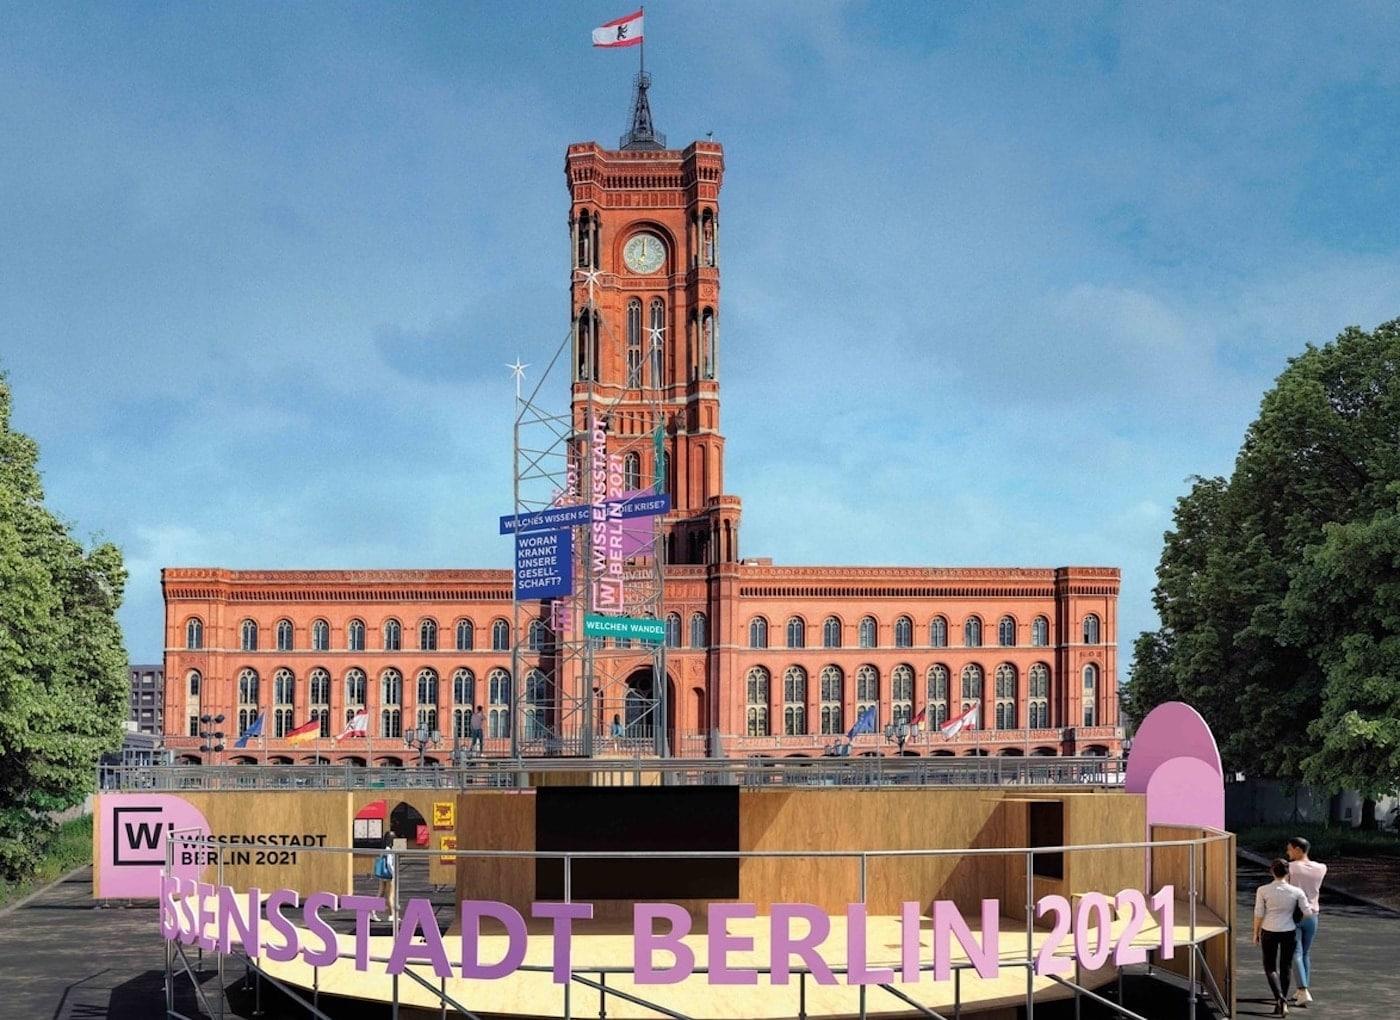 Wissensstadt Berlin mit Outdoor-Programm für Familien // HIMBEER